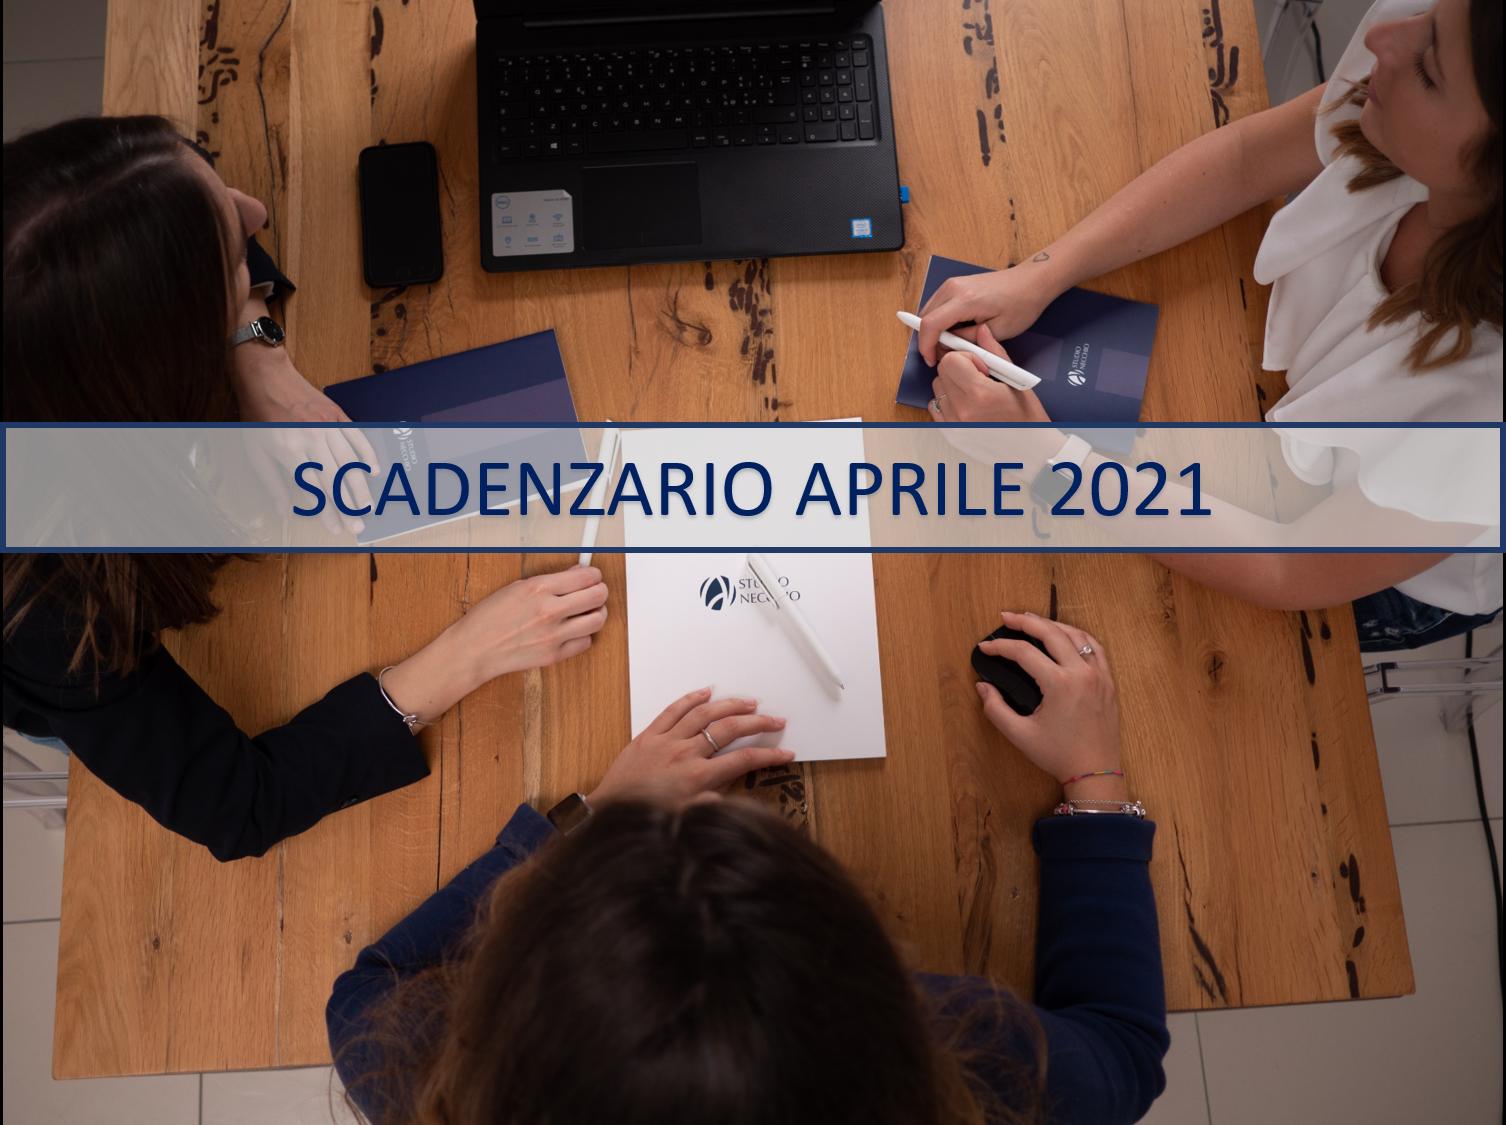 SCADENZARIO APRILE 2021